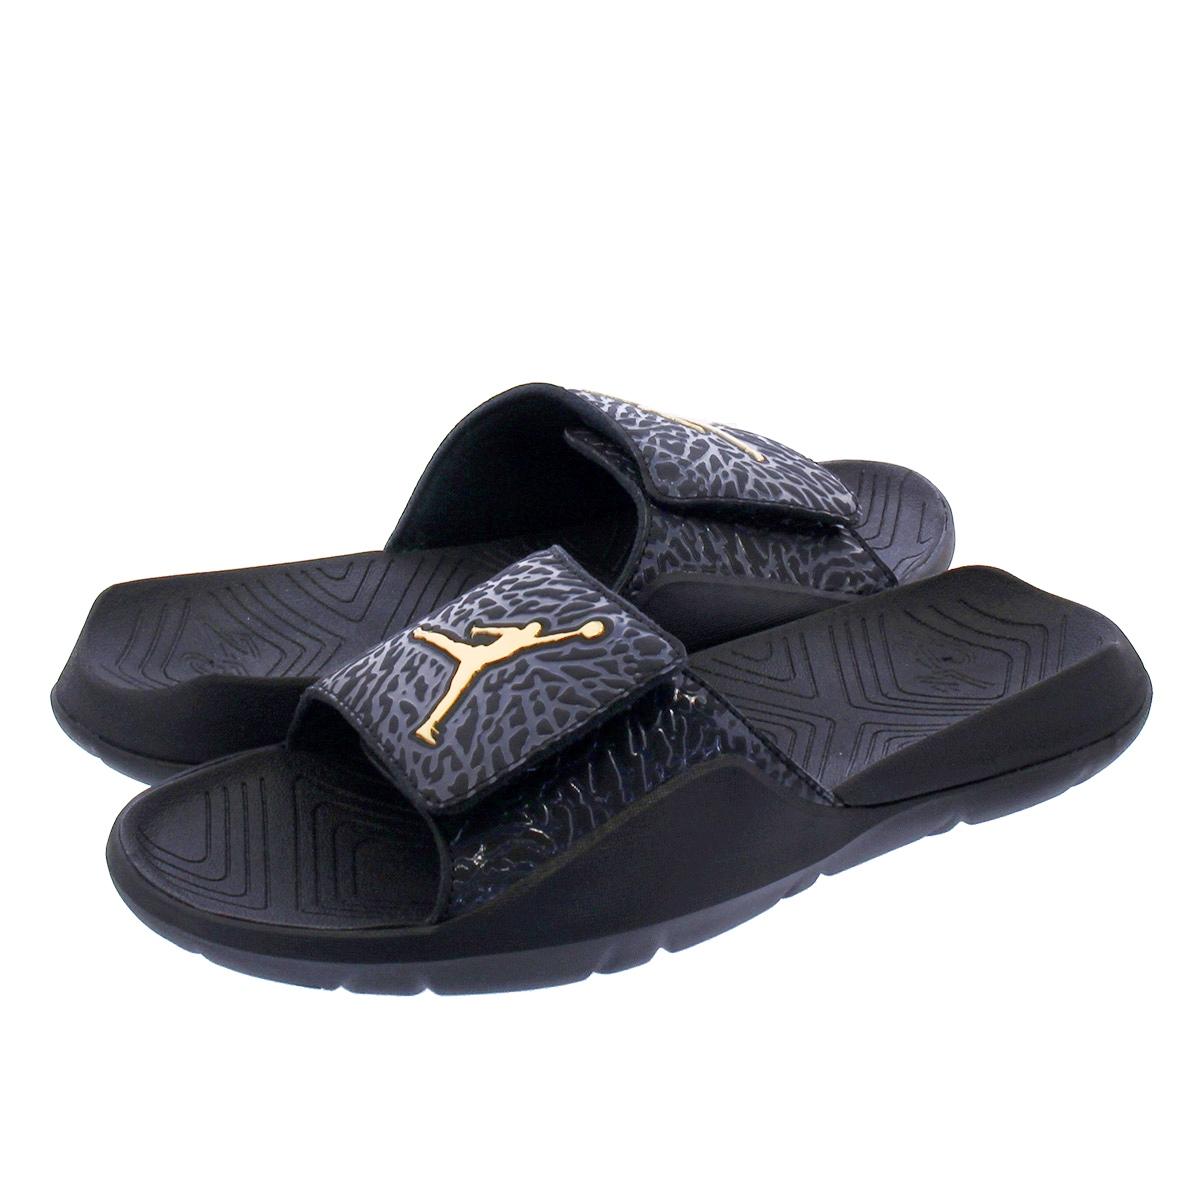 c70a9804387c6a NIKE JORDAN HYDRO 7 V2 Nike Jordan high mud 7 V2 BLACK METALLIC GOLD bq6290- 007